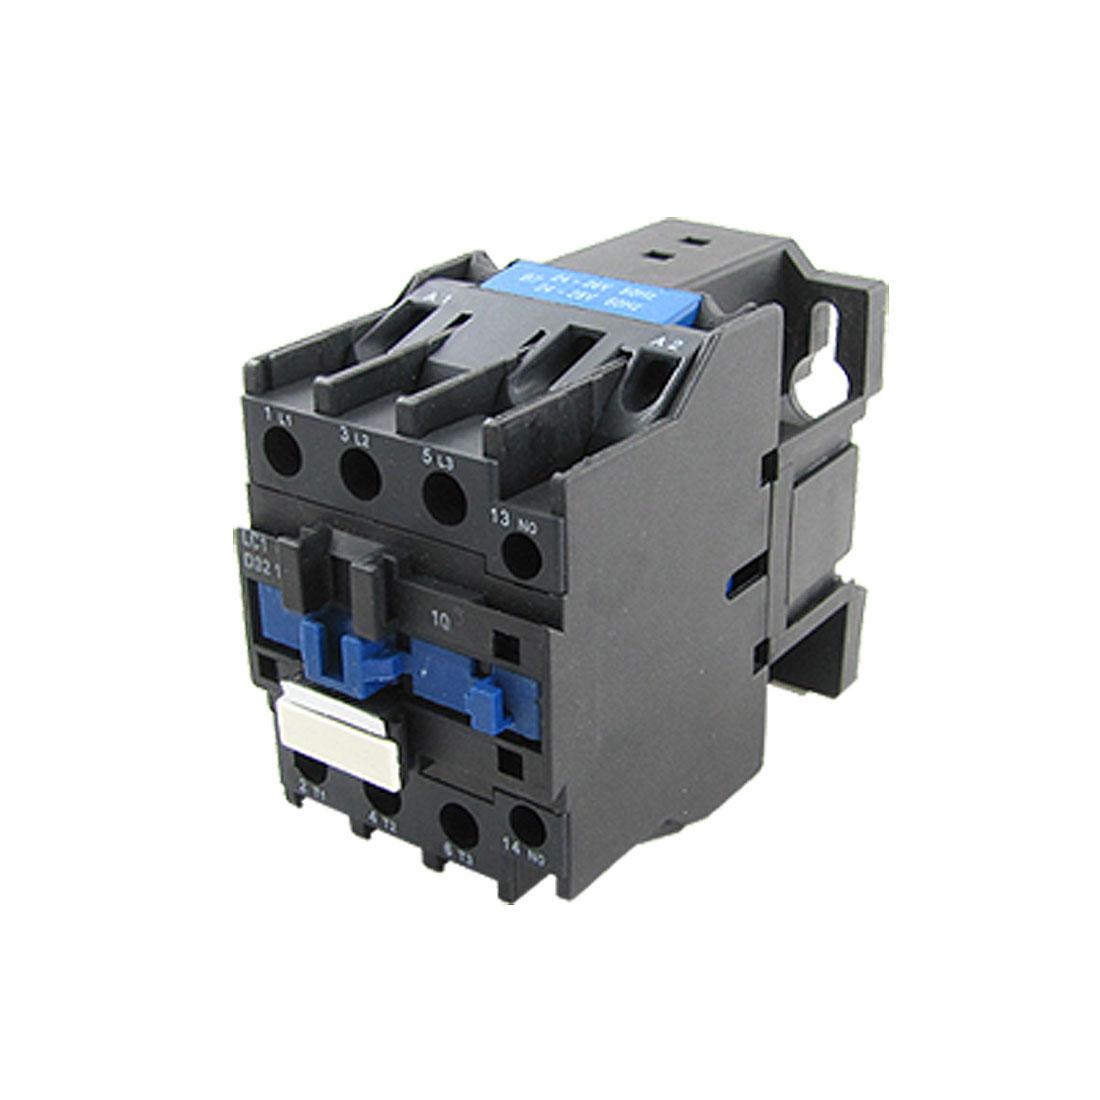 LC1-D3210 690V Ui 3 Poles 1NO AC Contactor 24V 50/60Hz Coil 32 Amp